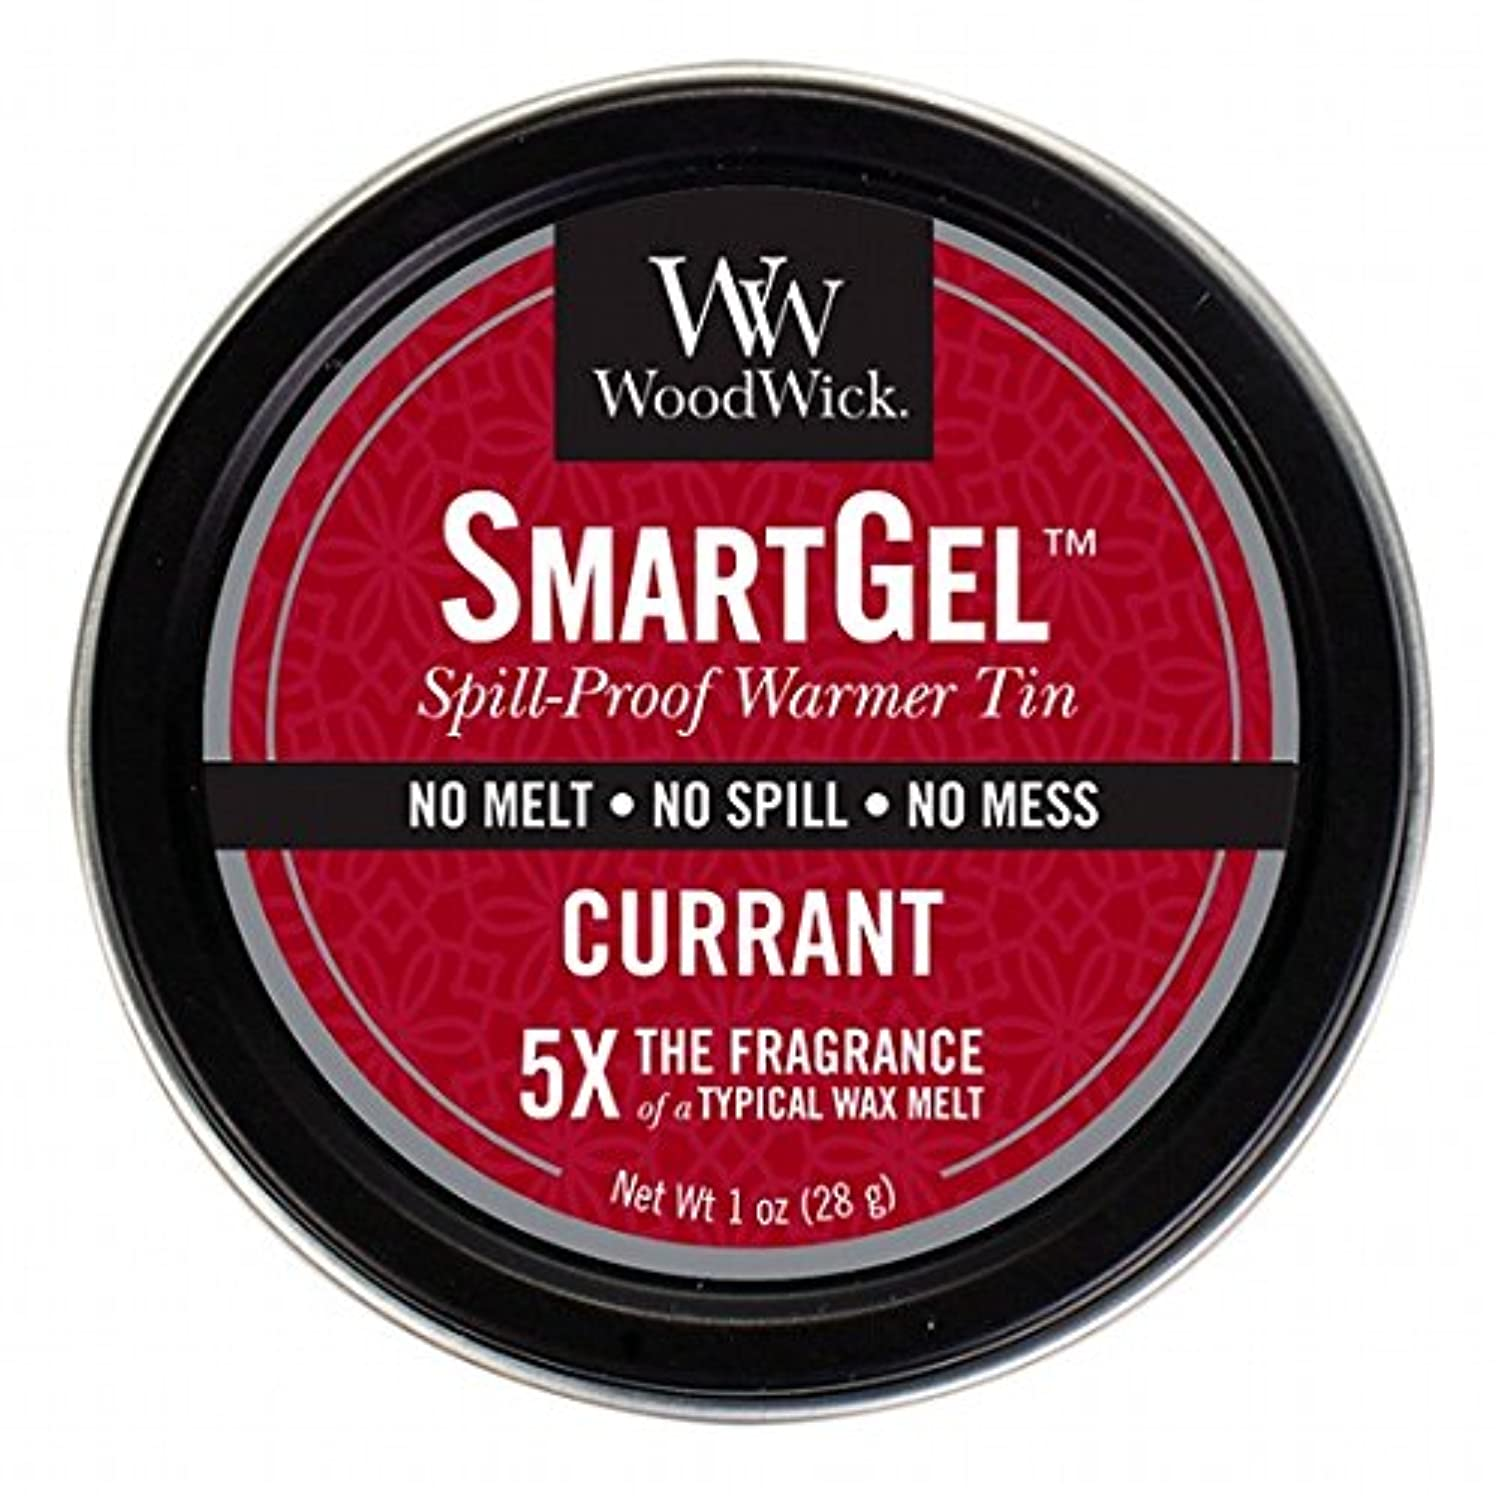 はしご説明的ピットWoodWick(ウッドウィック) Wood Wickスマートジェル 「 カラント 」W9630520(W9630520)